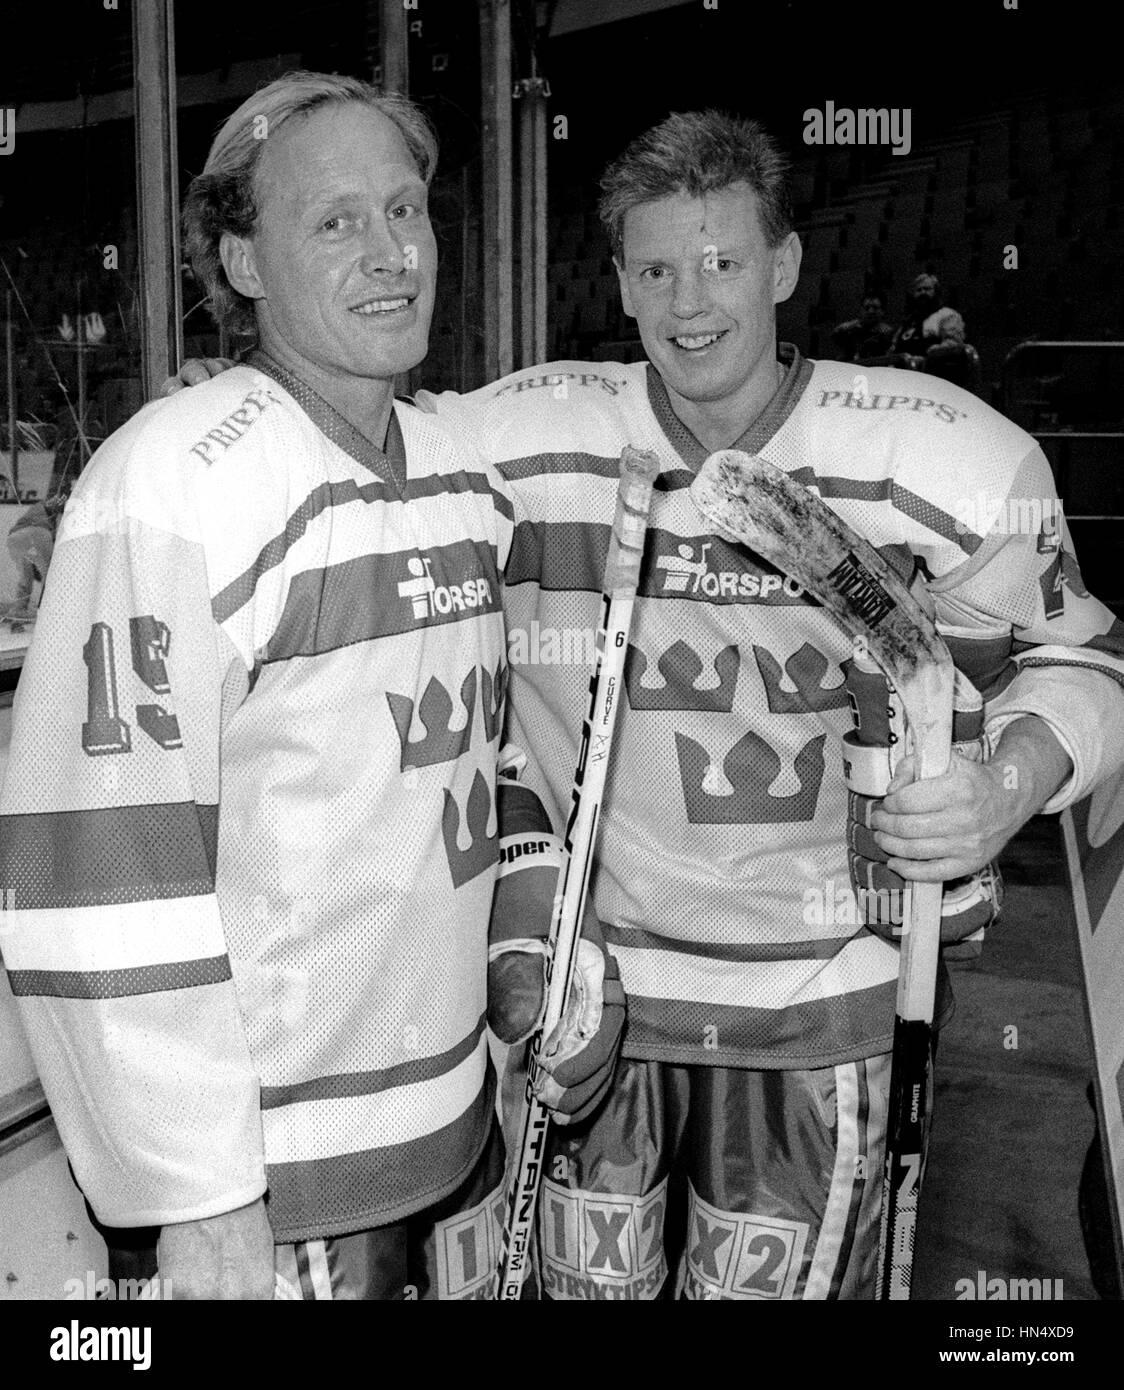 ANDERS HEDBERG und Ulf Nilsson schwedische Eis-Hockeyspieler in New York Ranger 1981 und der schwedischen Nationalmannschaft Stockbild